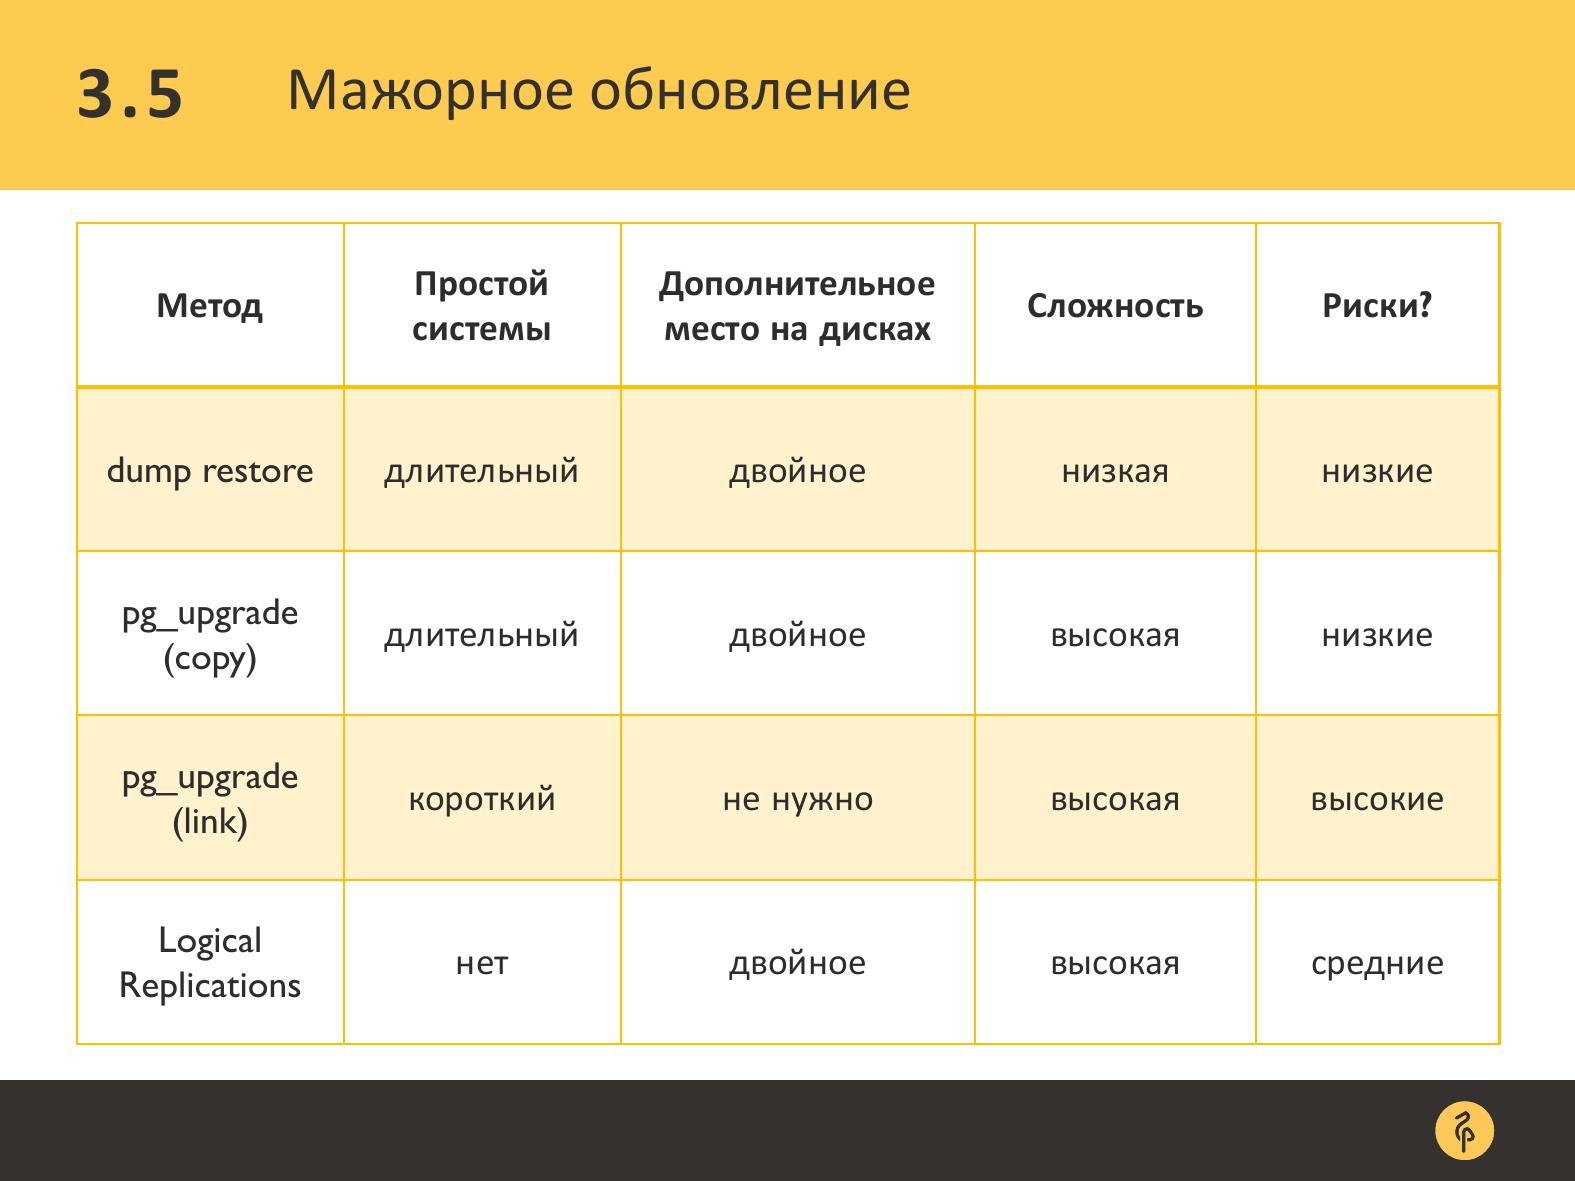 Практика обновления версий PostgreSQL. Андрей Сальников - 27